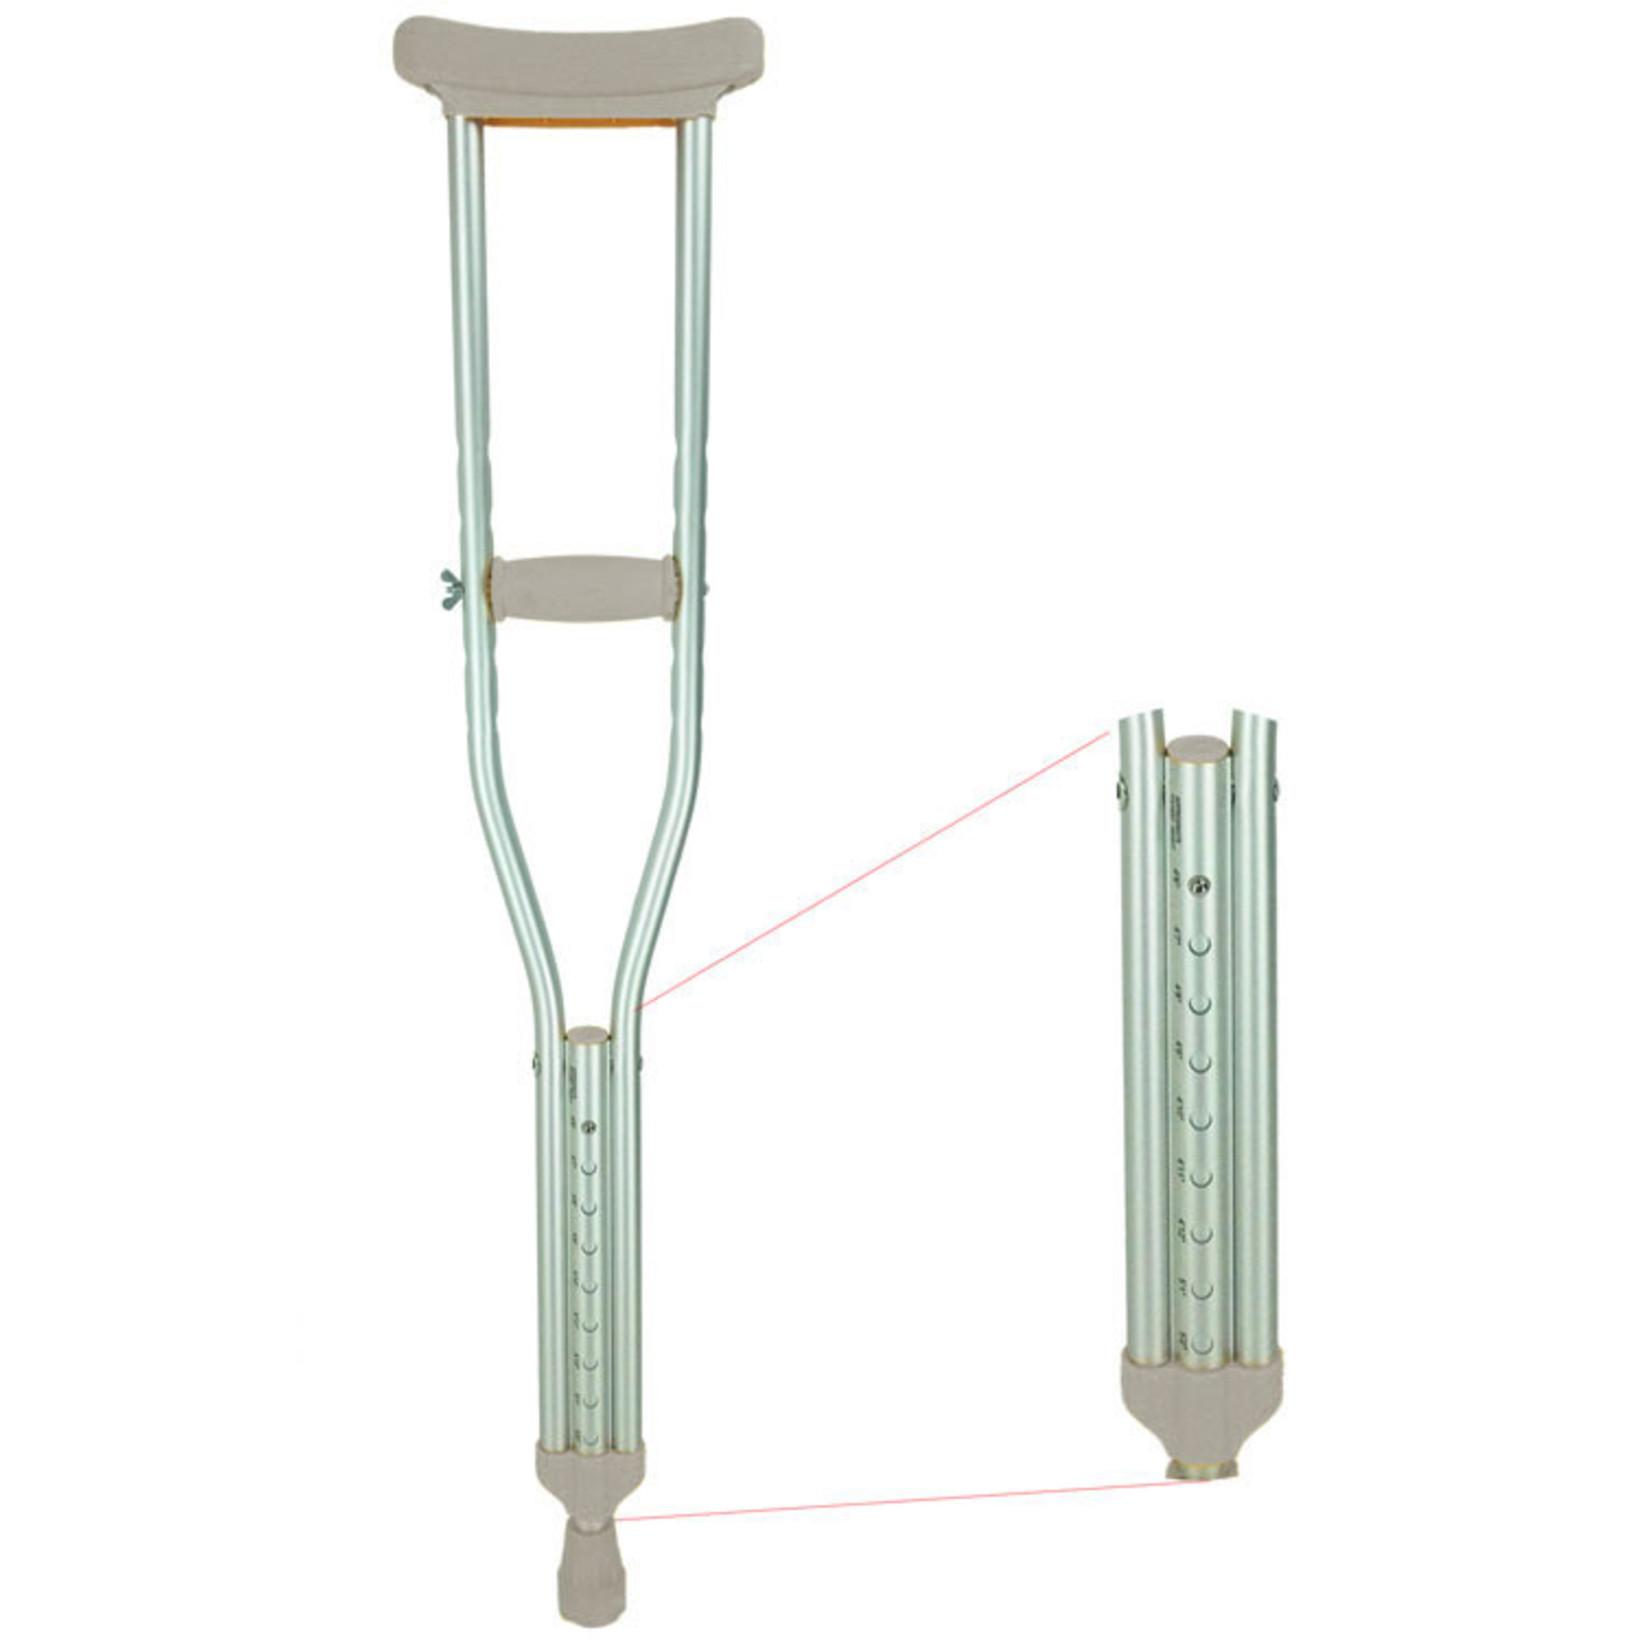 MOBB Crutches, aluminum